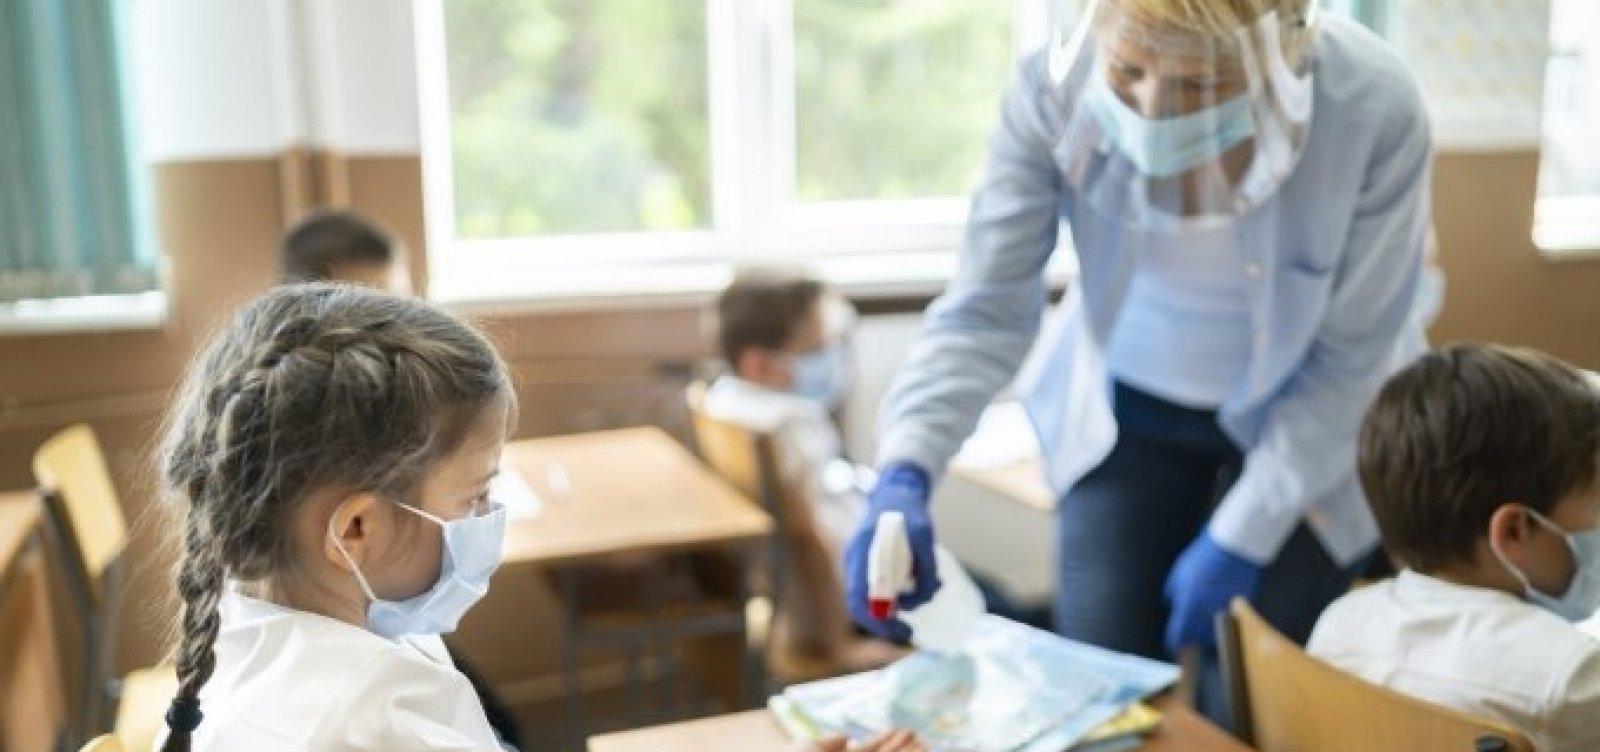 [OMS e Unicef dizem que reabertura de escolas não está associada a proliferação da Covid-19]